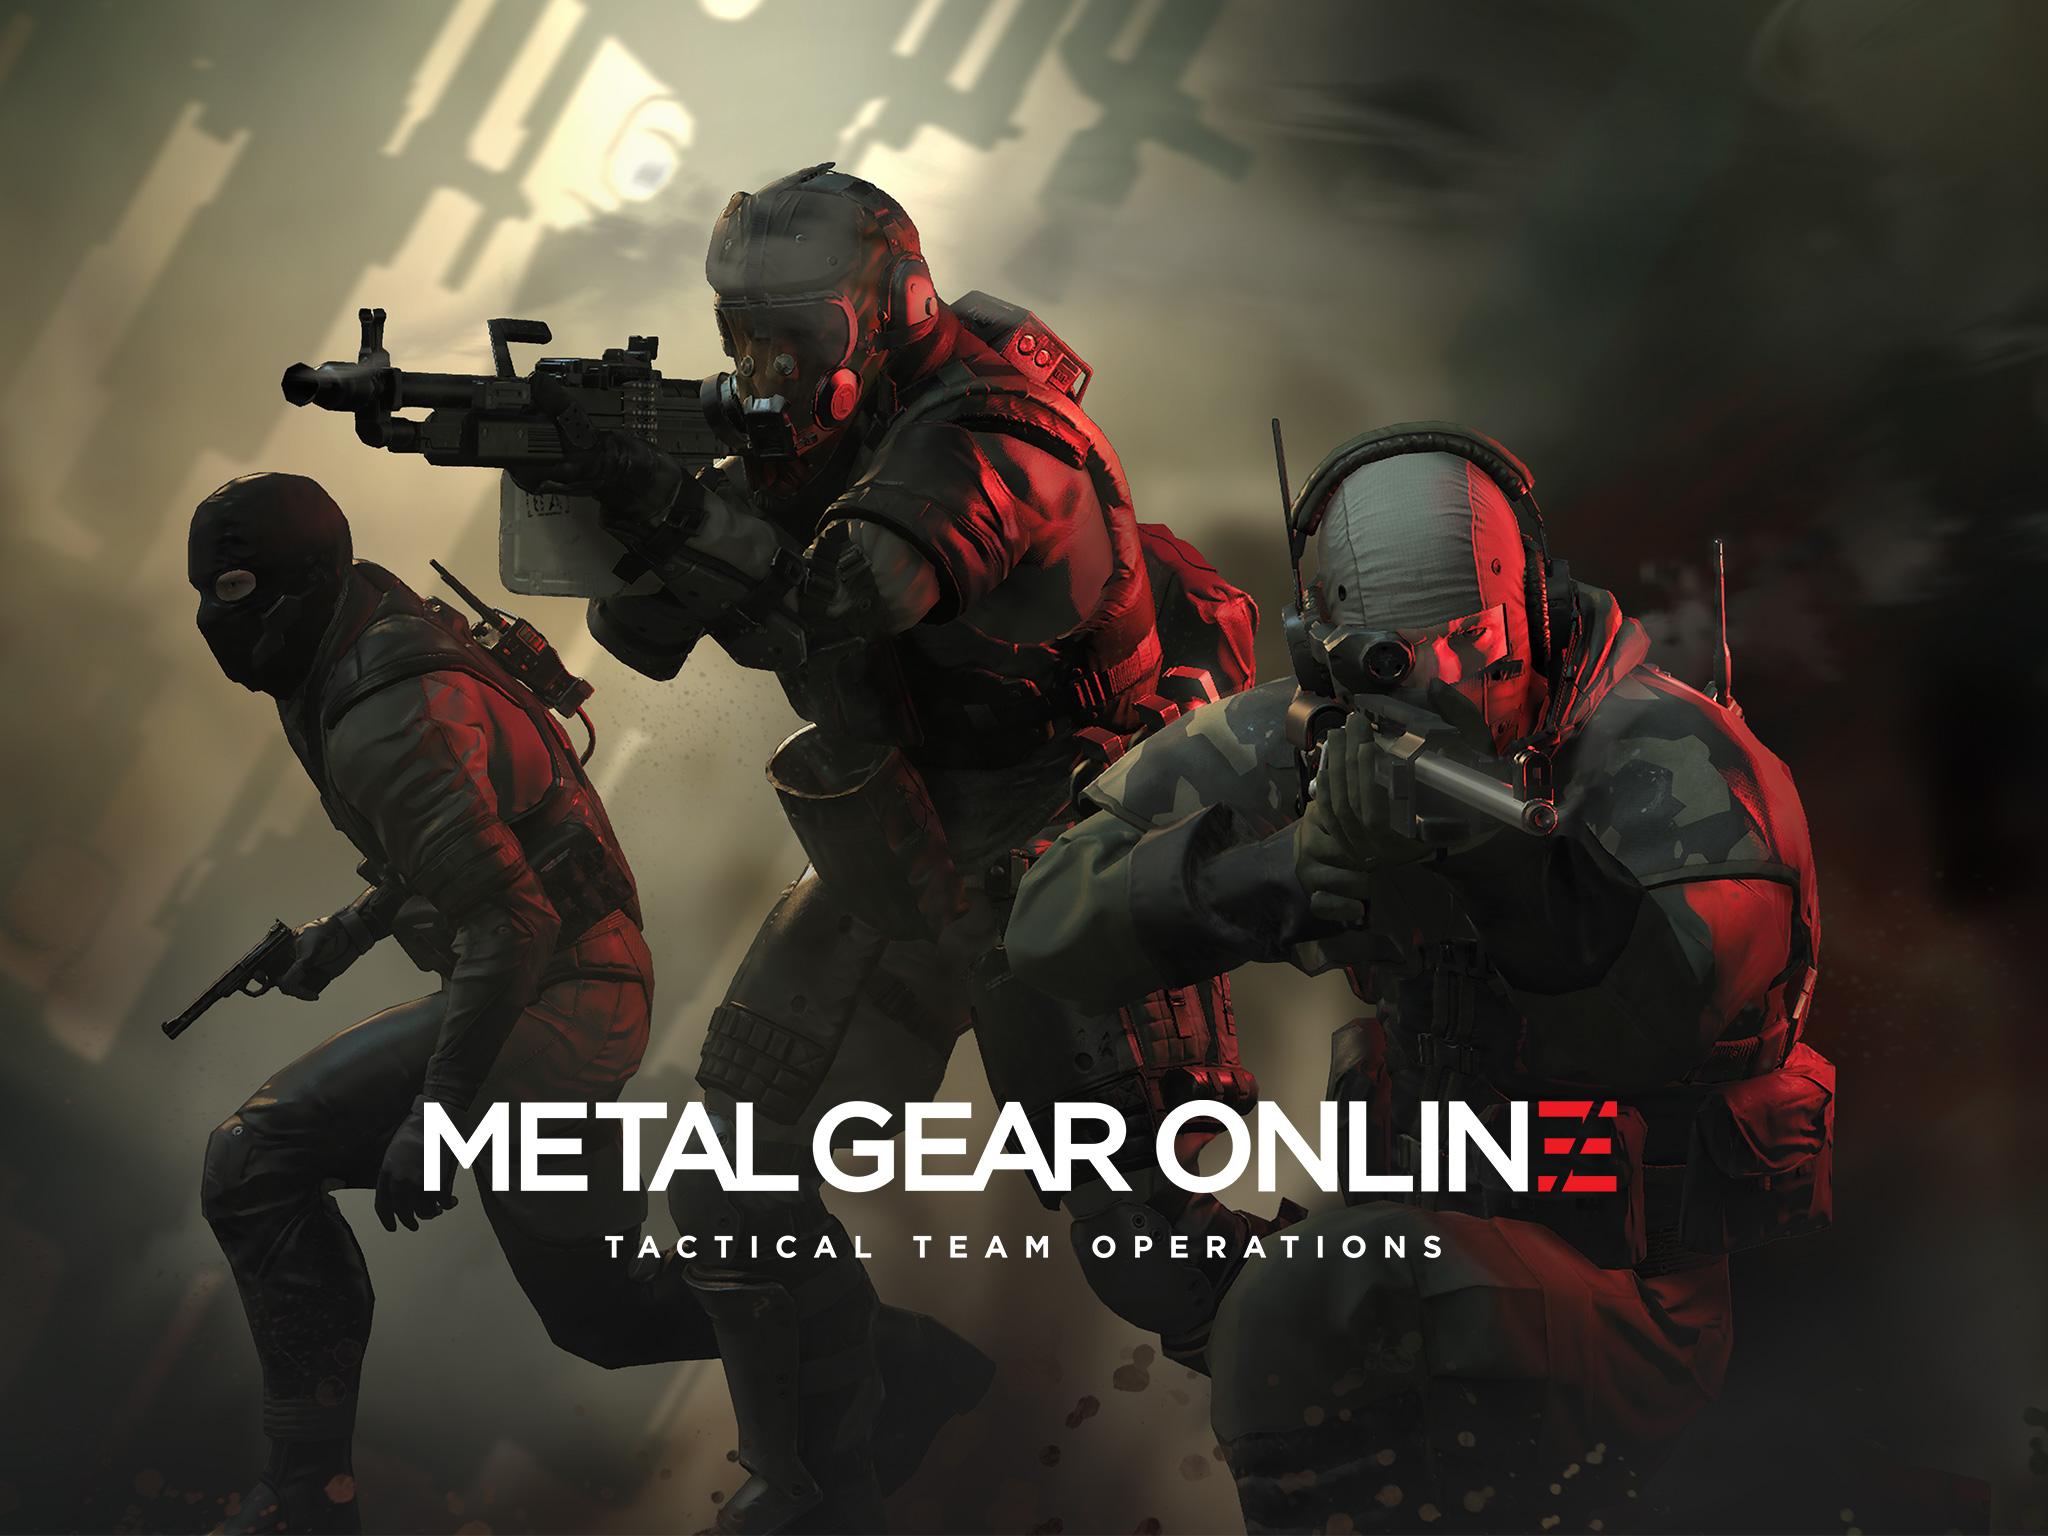 メタルギア オンライン Metal Gear Online 公式